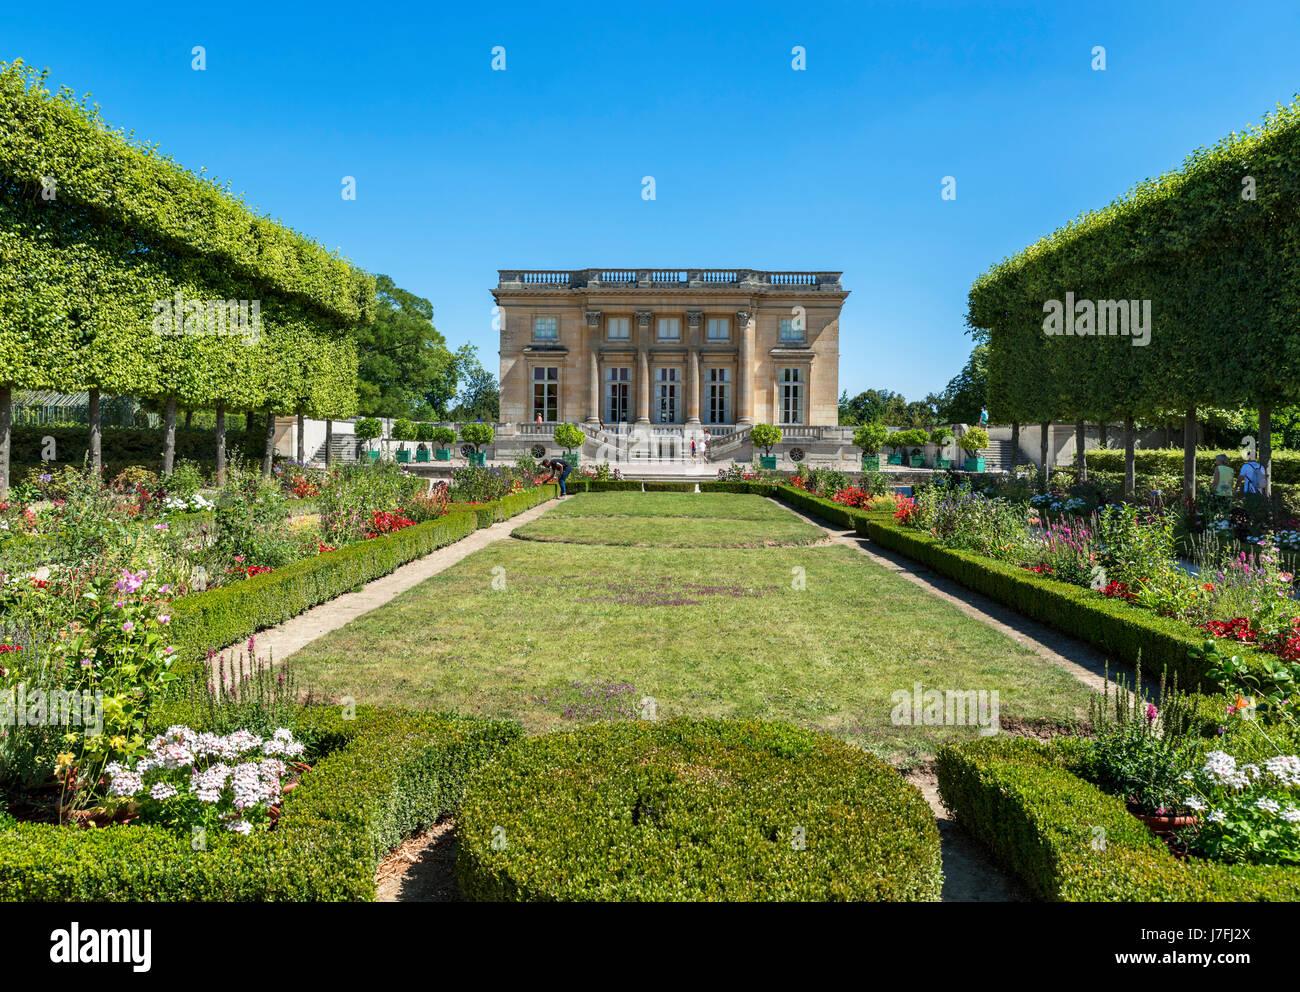 The Petit Trianon, Domain de Versailles, near Paris, France - Stock Image